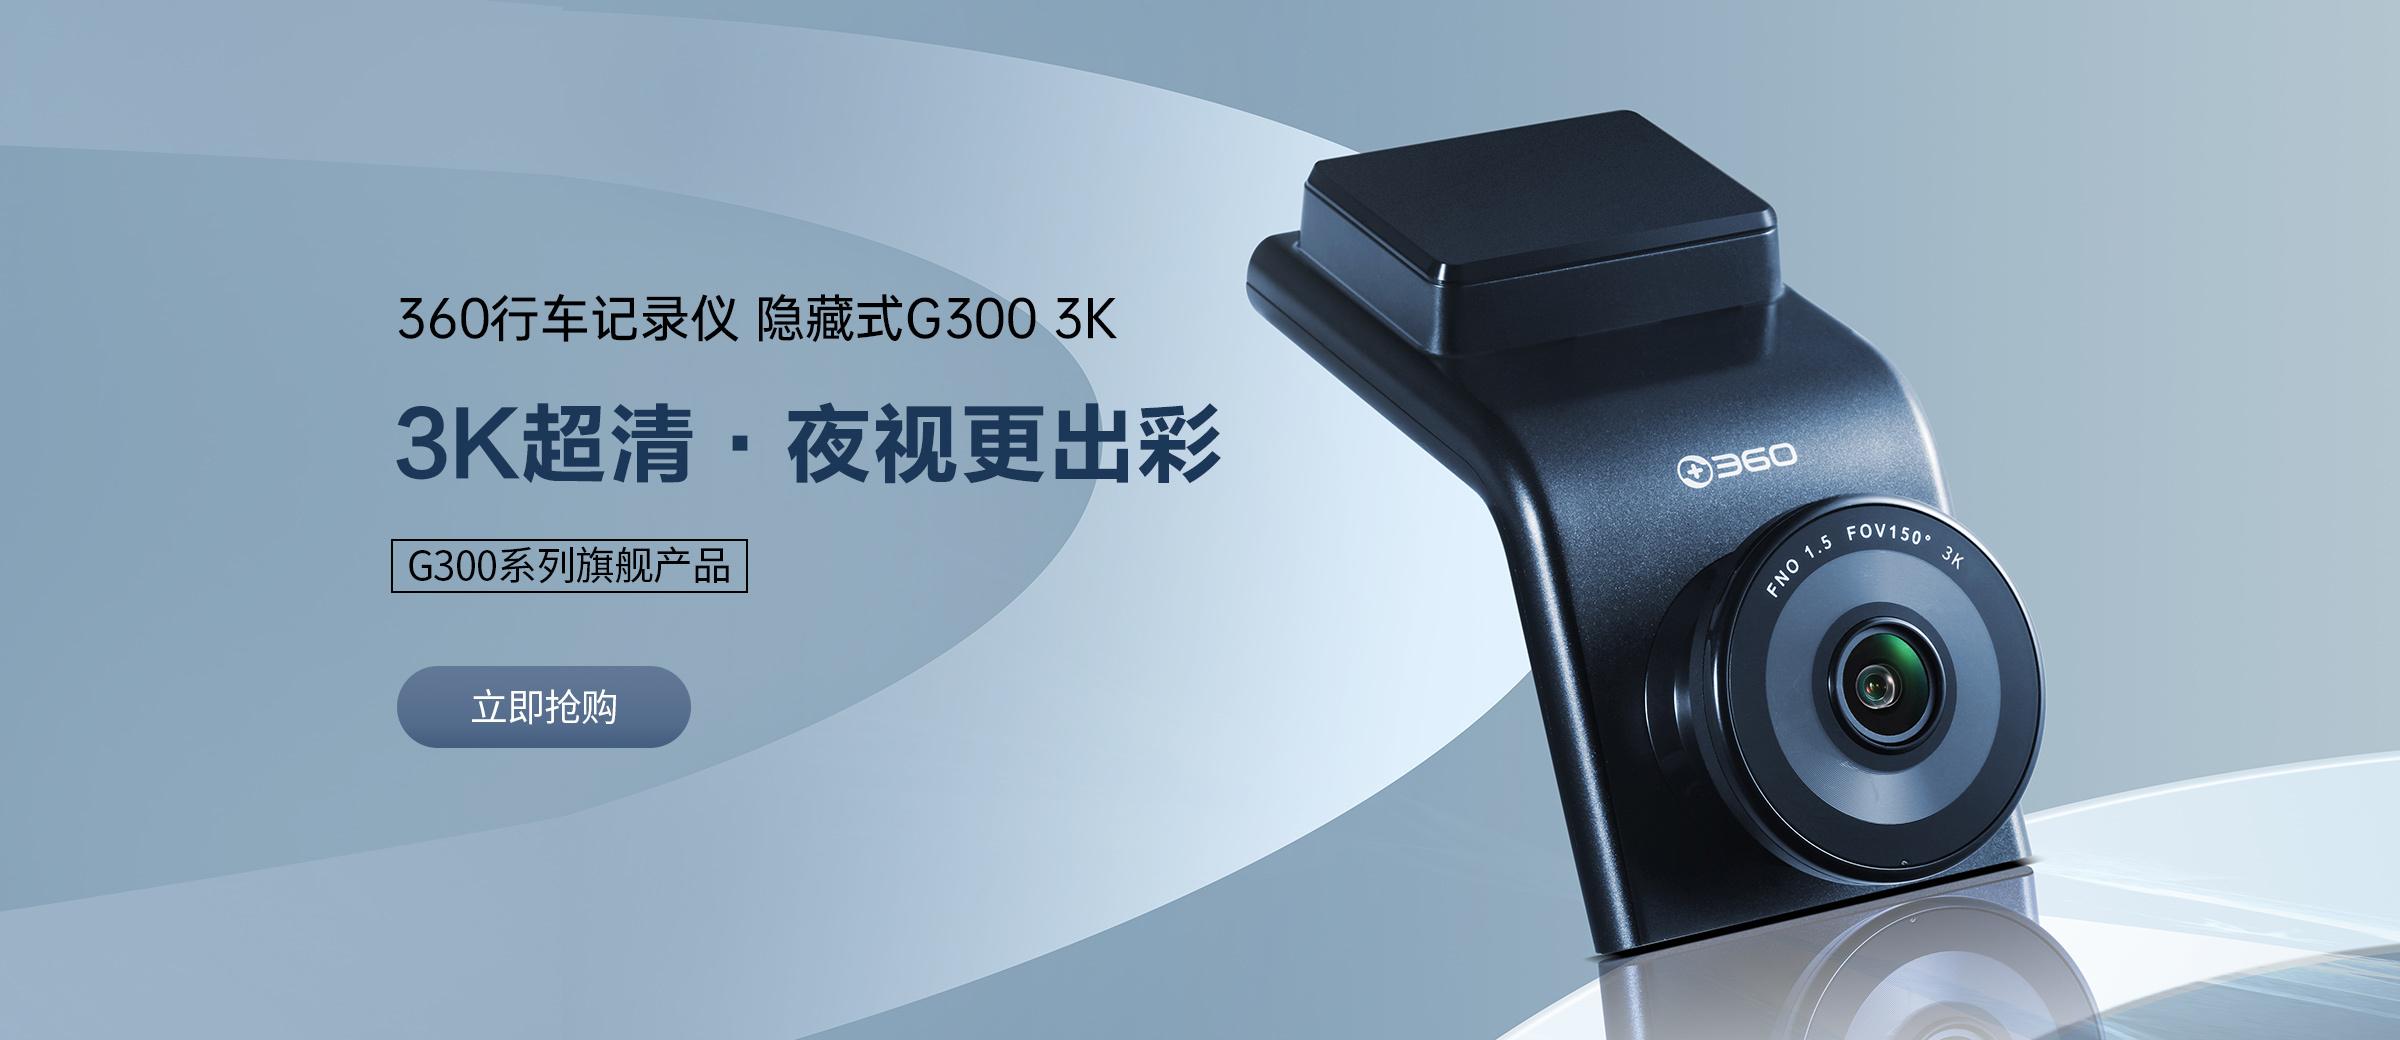 G300 3K